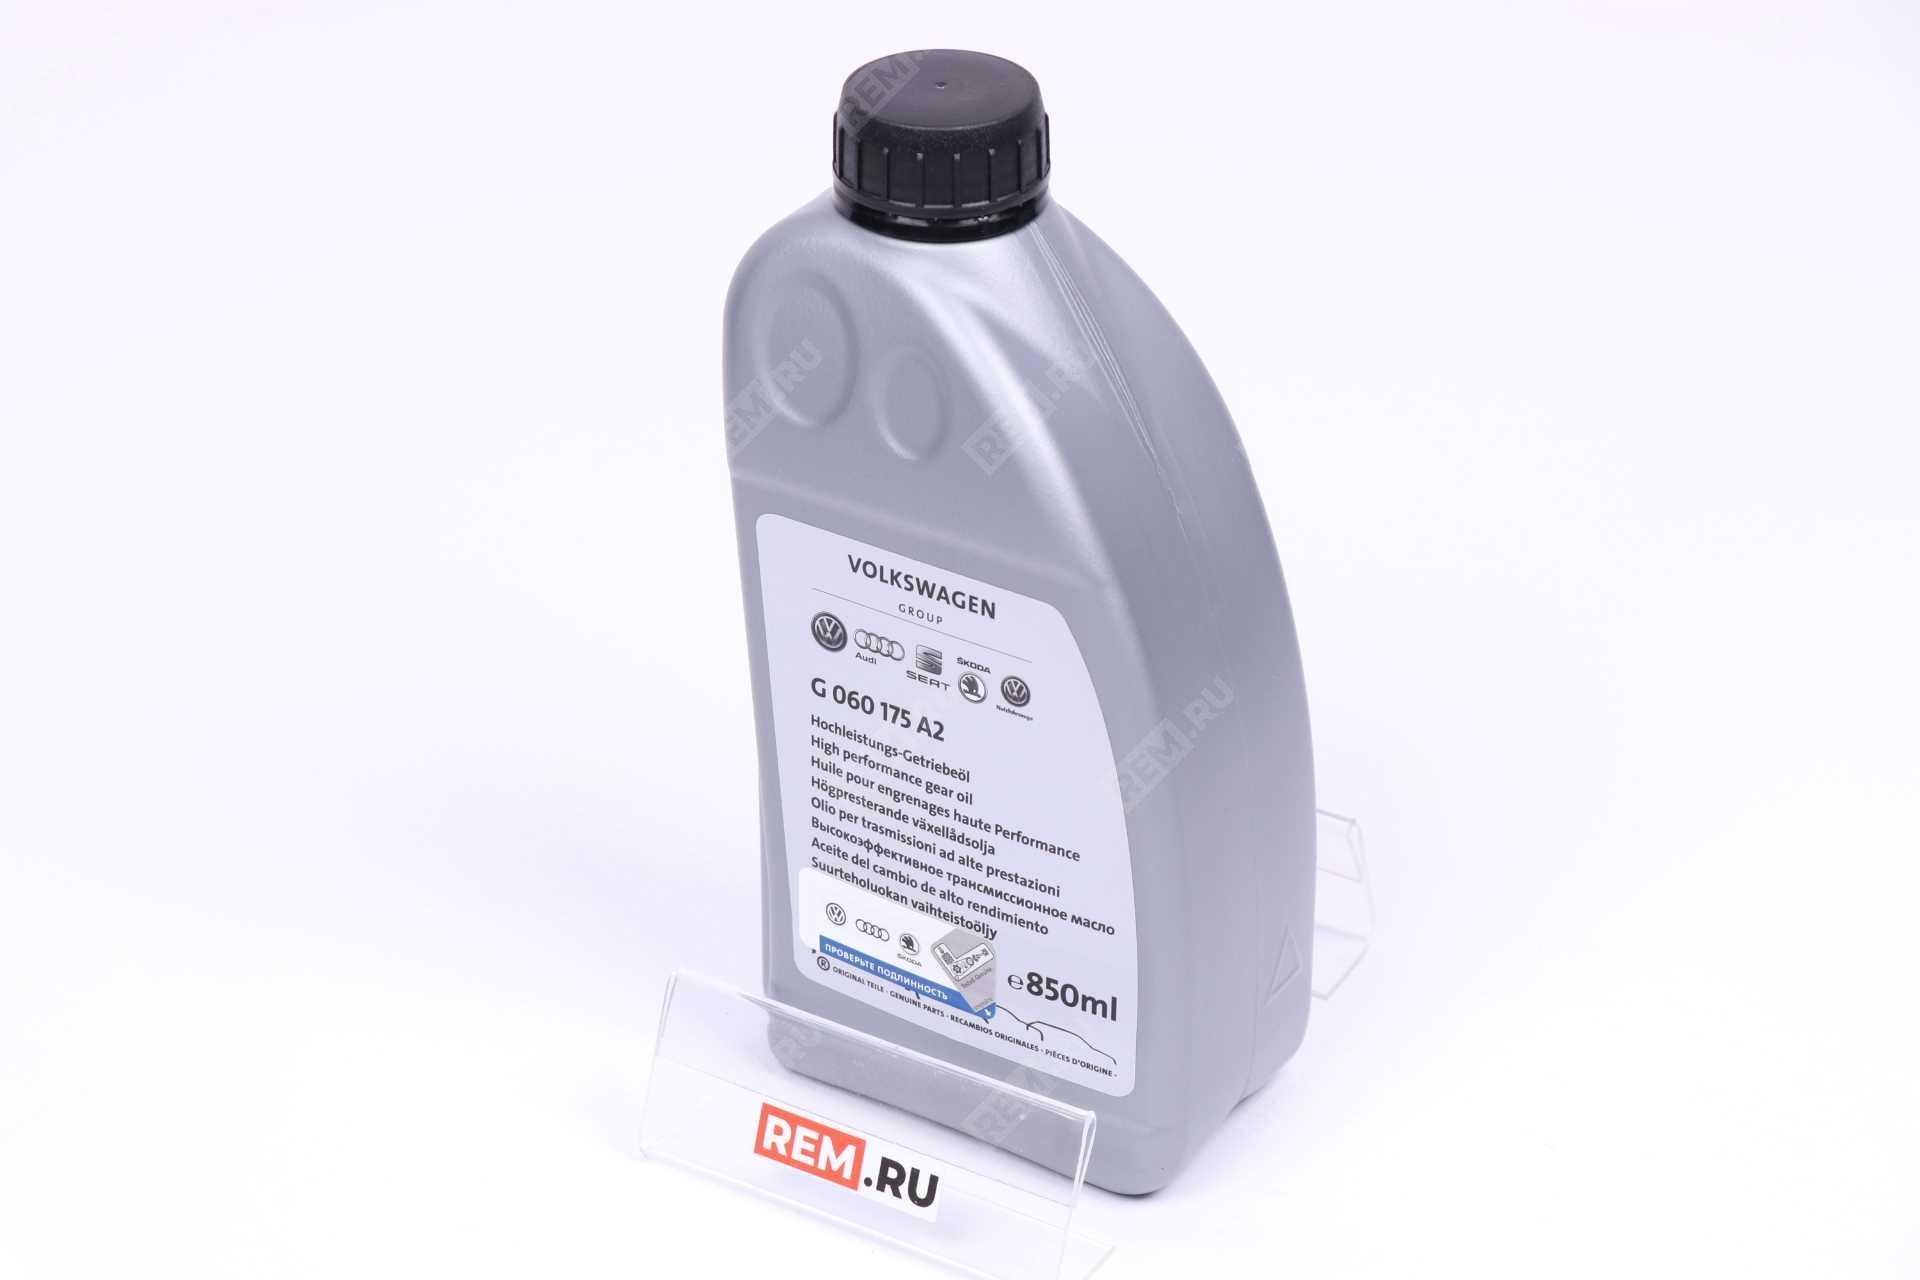 Масло трансмиссионное для муфты Haldex, 1Л G060175A2